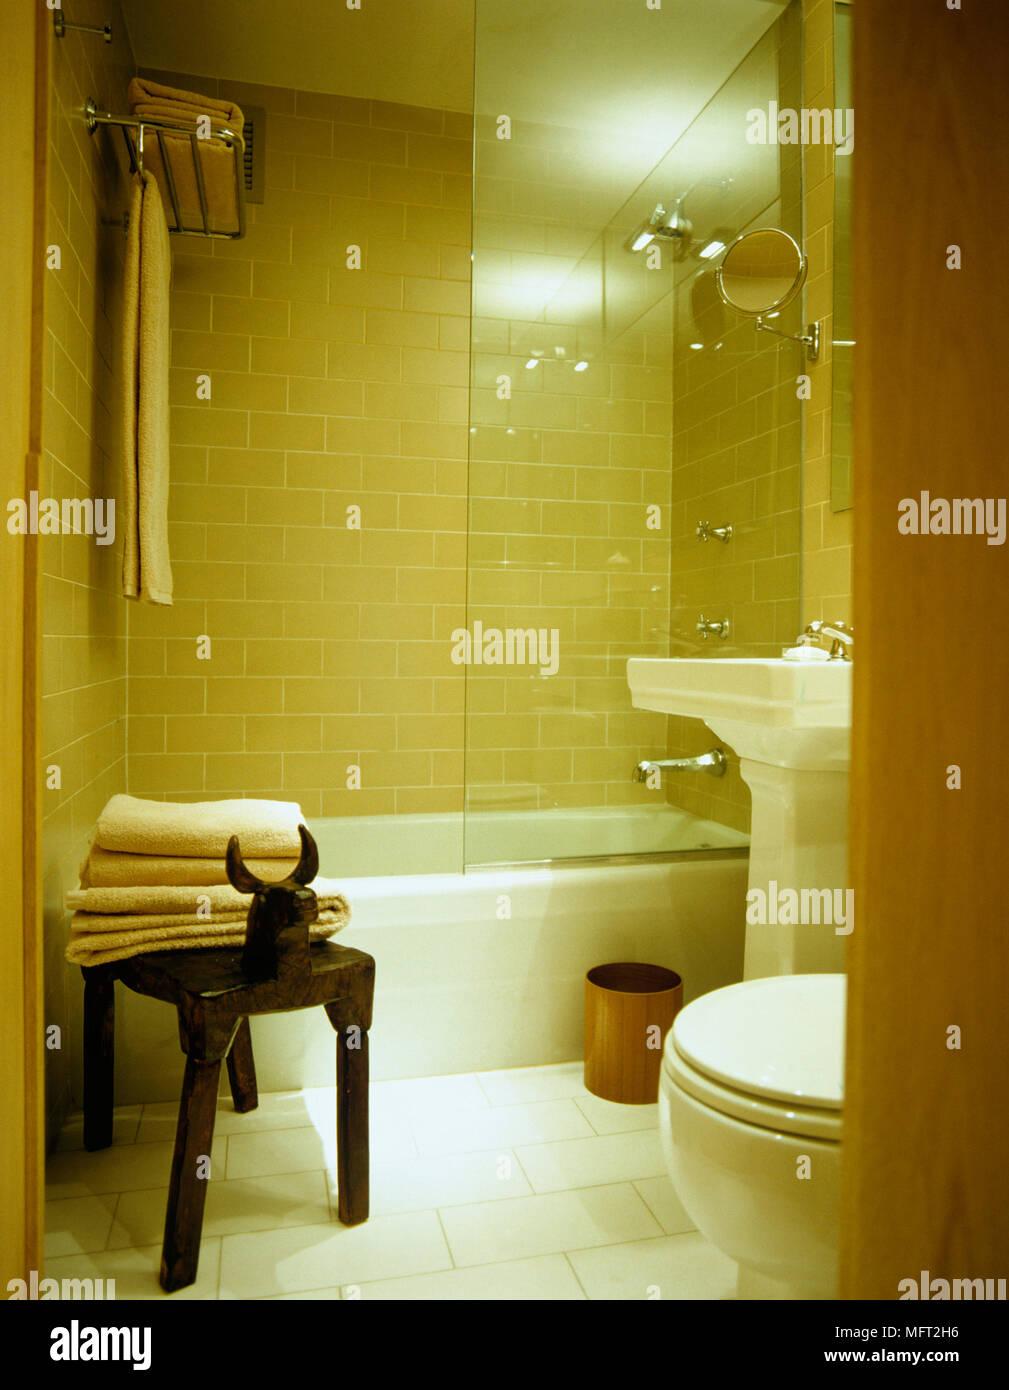 Blick Durch Die Offene Tür Zu Kompakten Gefliestes Badezimmer Mit